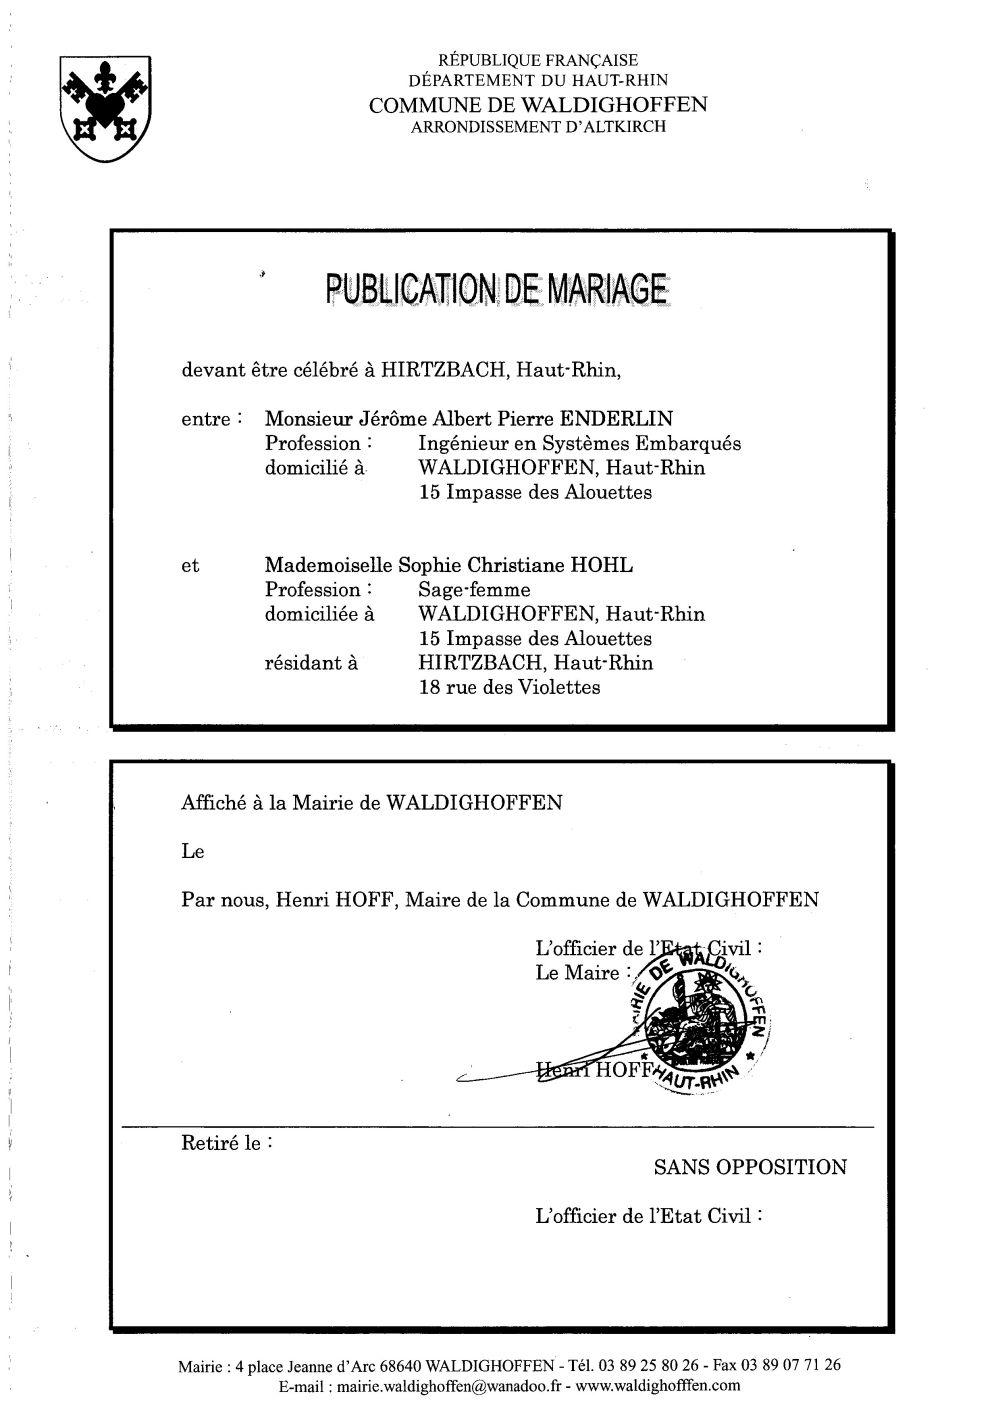 Publication de mariage M. ENDERLIN et Mlle HOHL